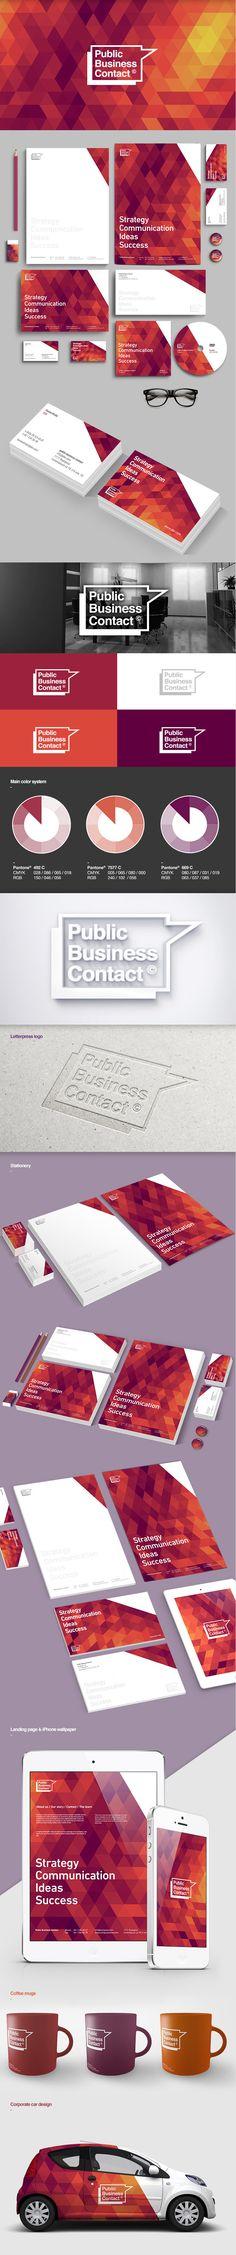 PBC© corporate identity concept